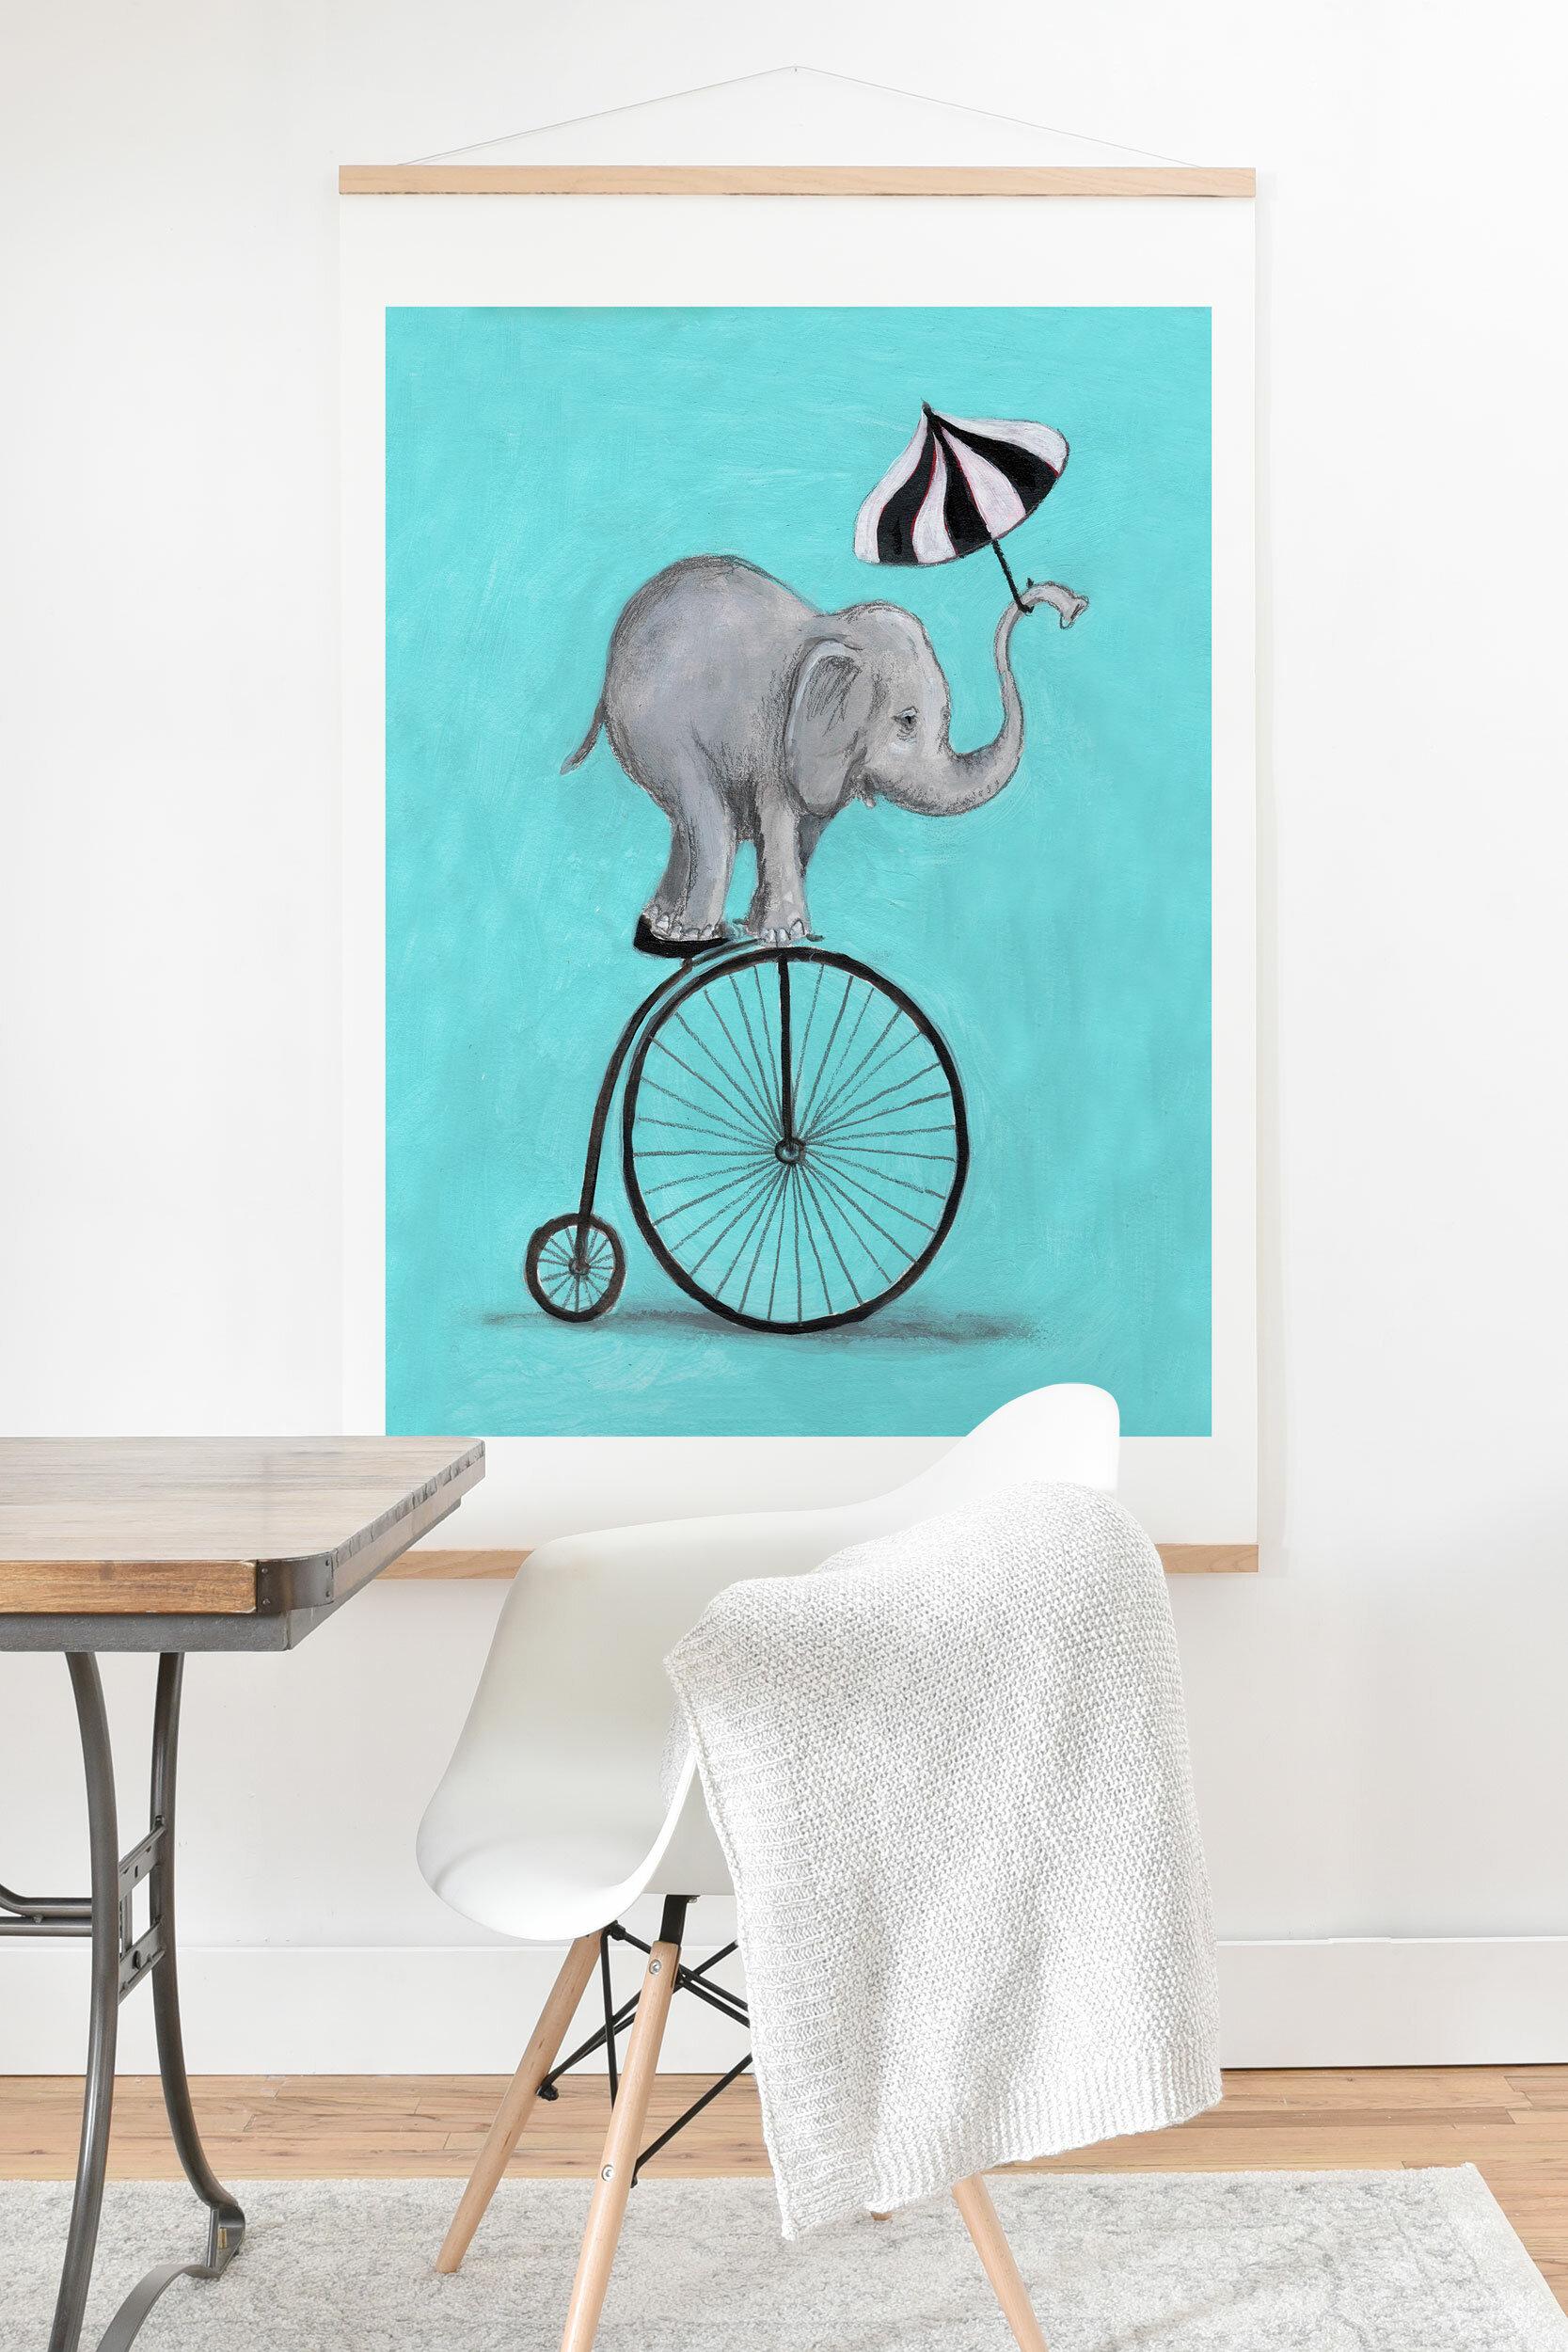 East Urban Home Coco De Paris Elephant With Umbrella Wall Hanging Wayfair